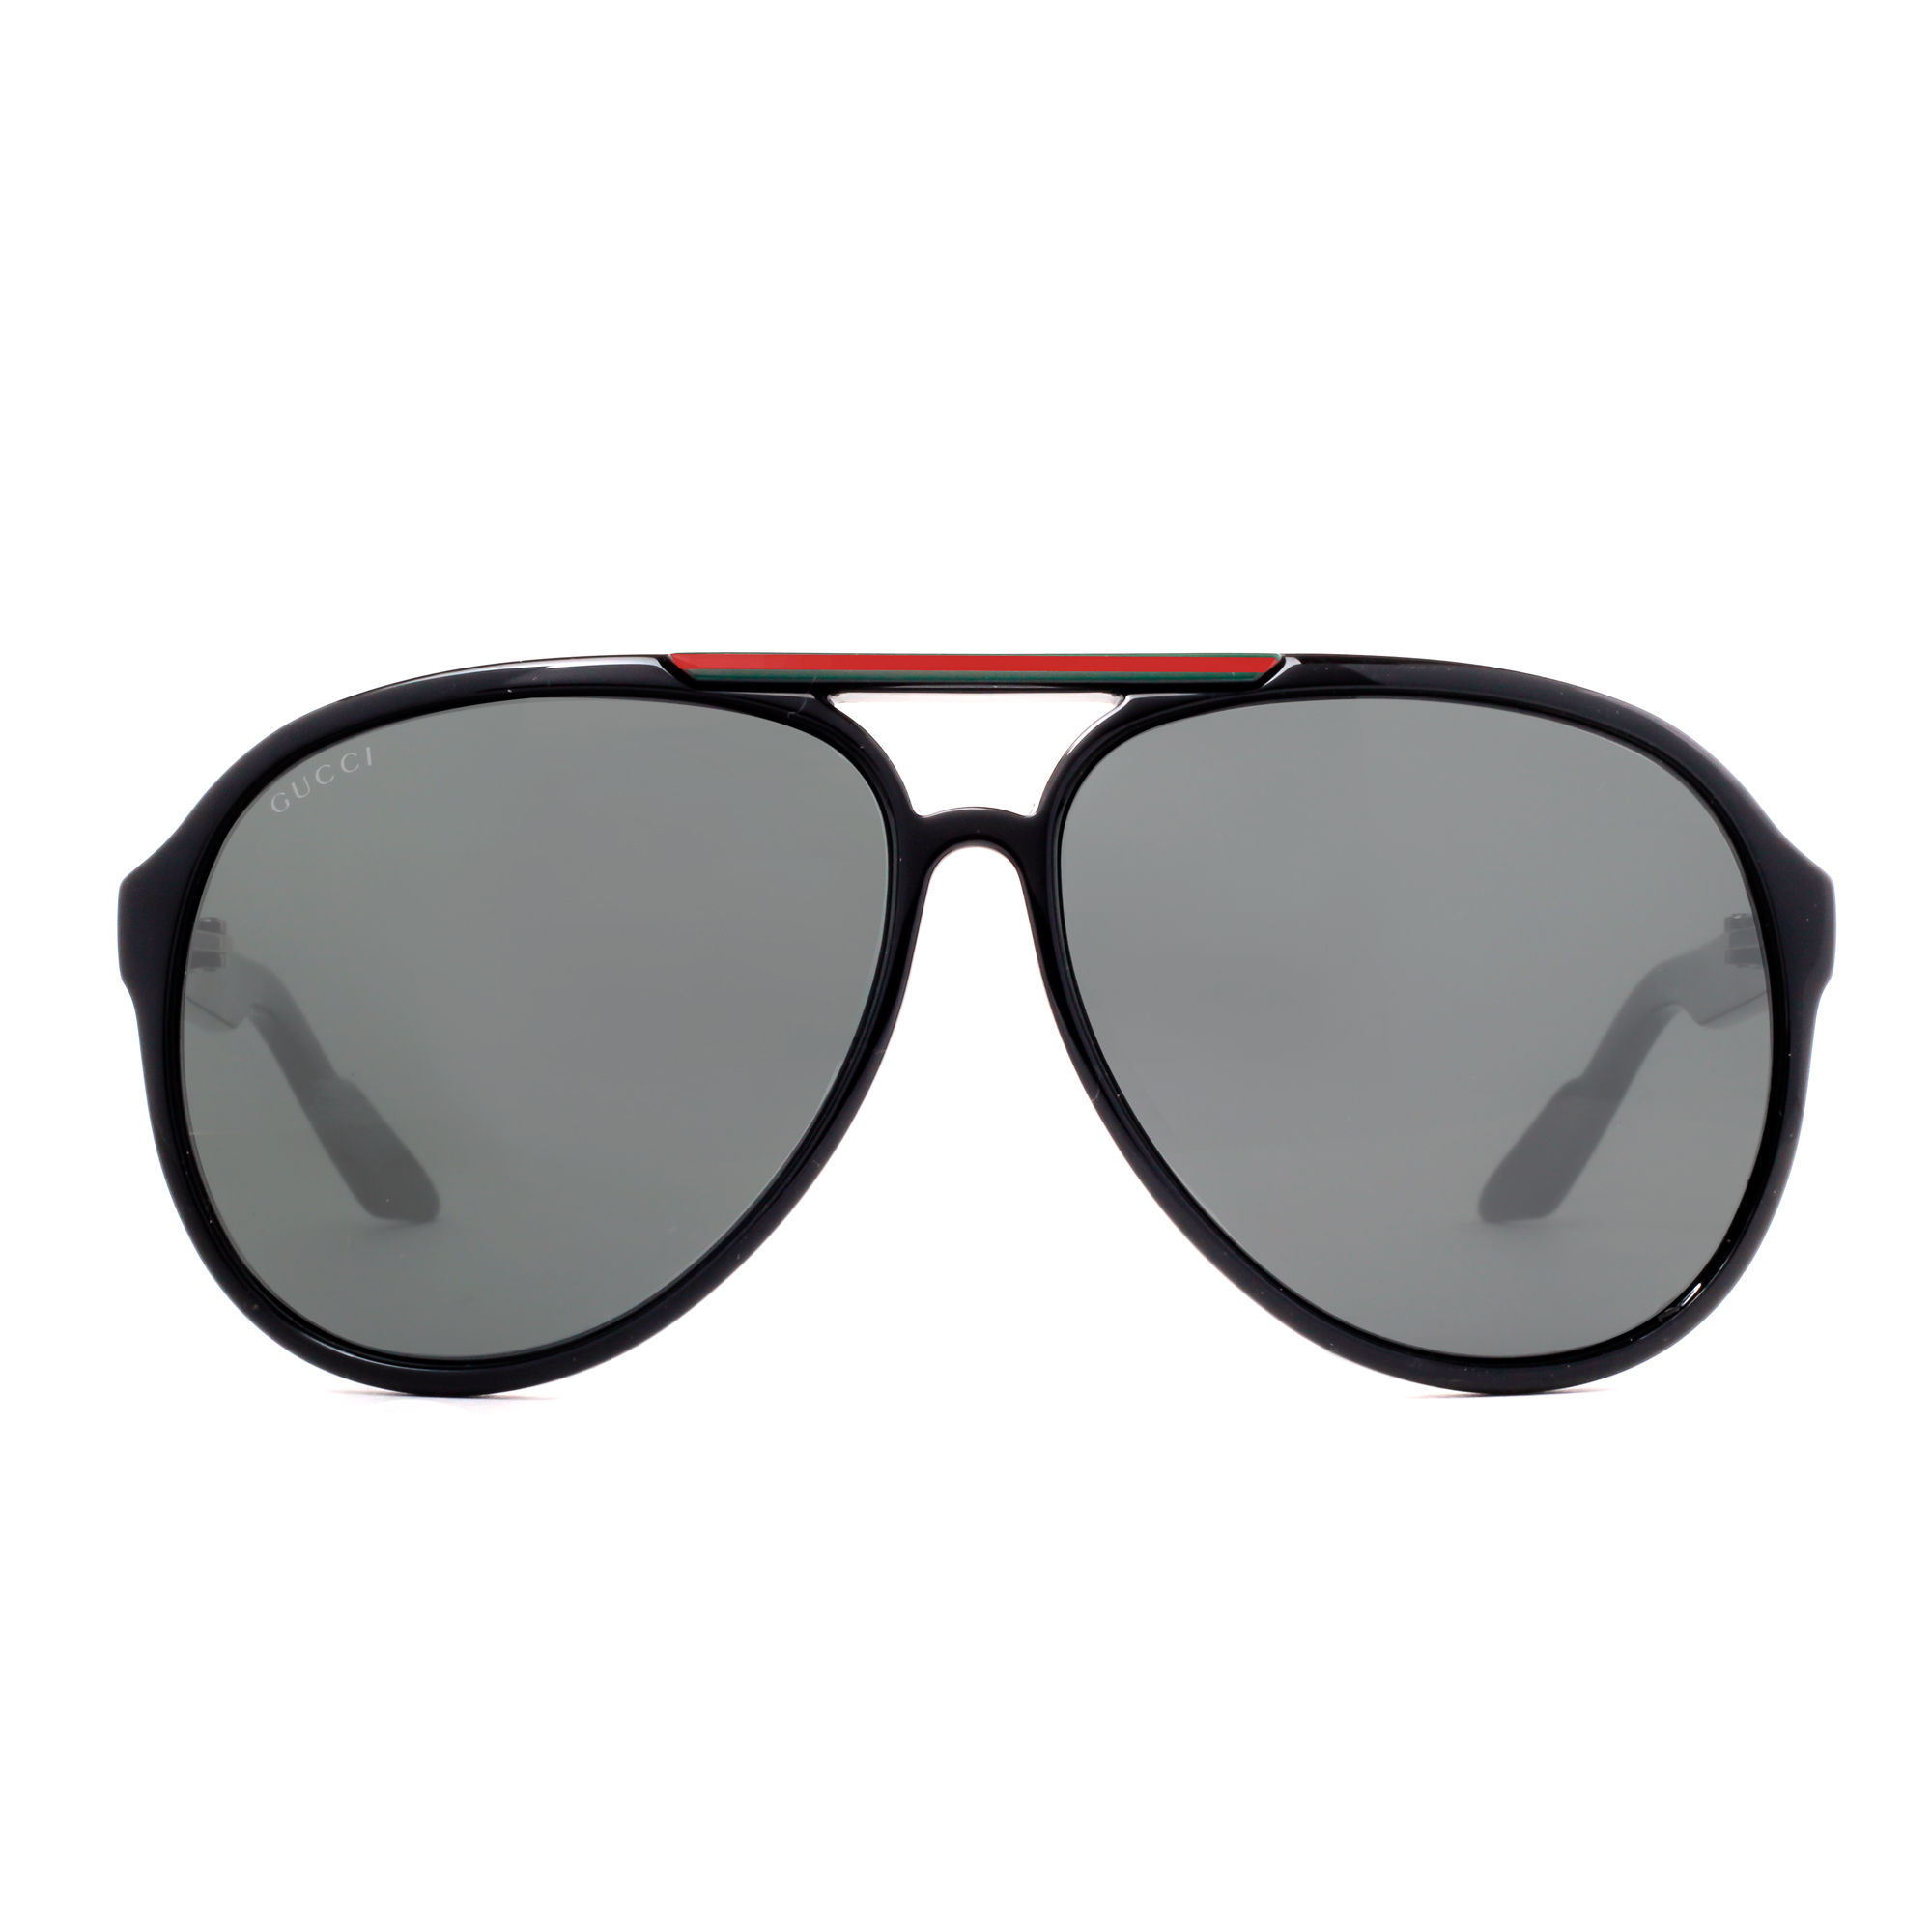 e98ccde8942 GUCCI - Gucci GG 1627 S D28 R6 Shiny Black Grey Aviator Sunglasses -  Walmart.com